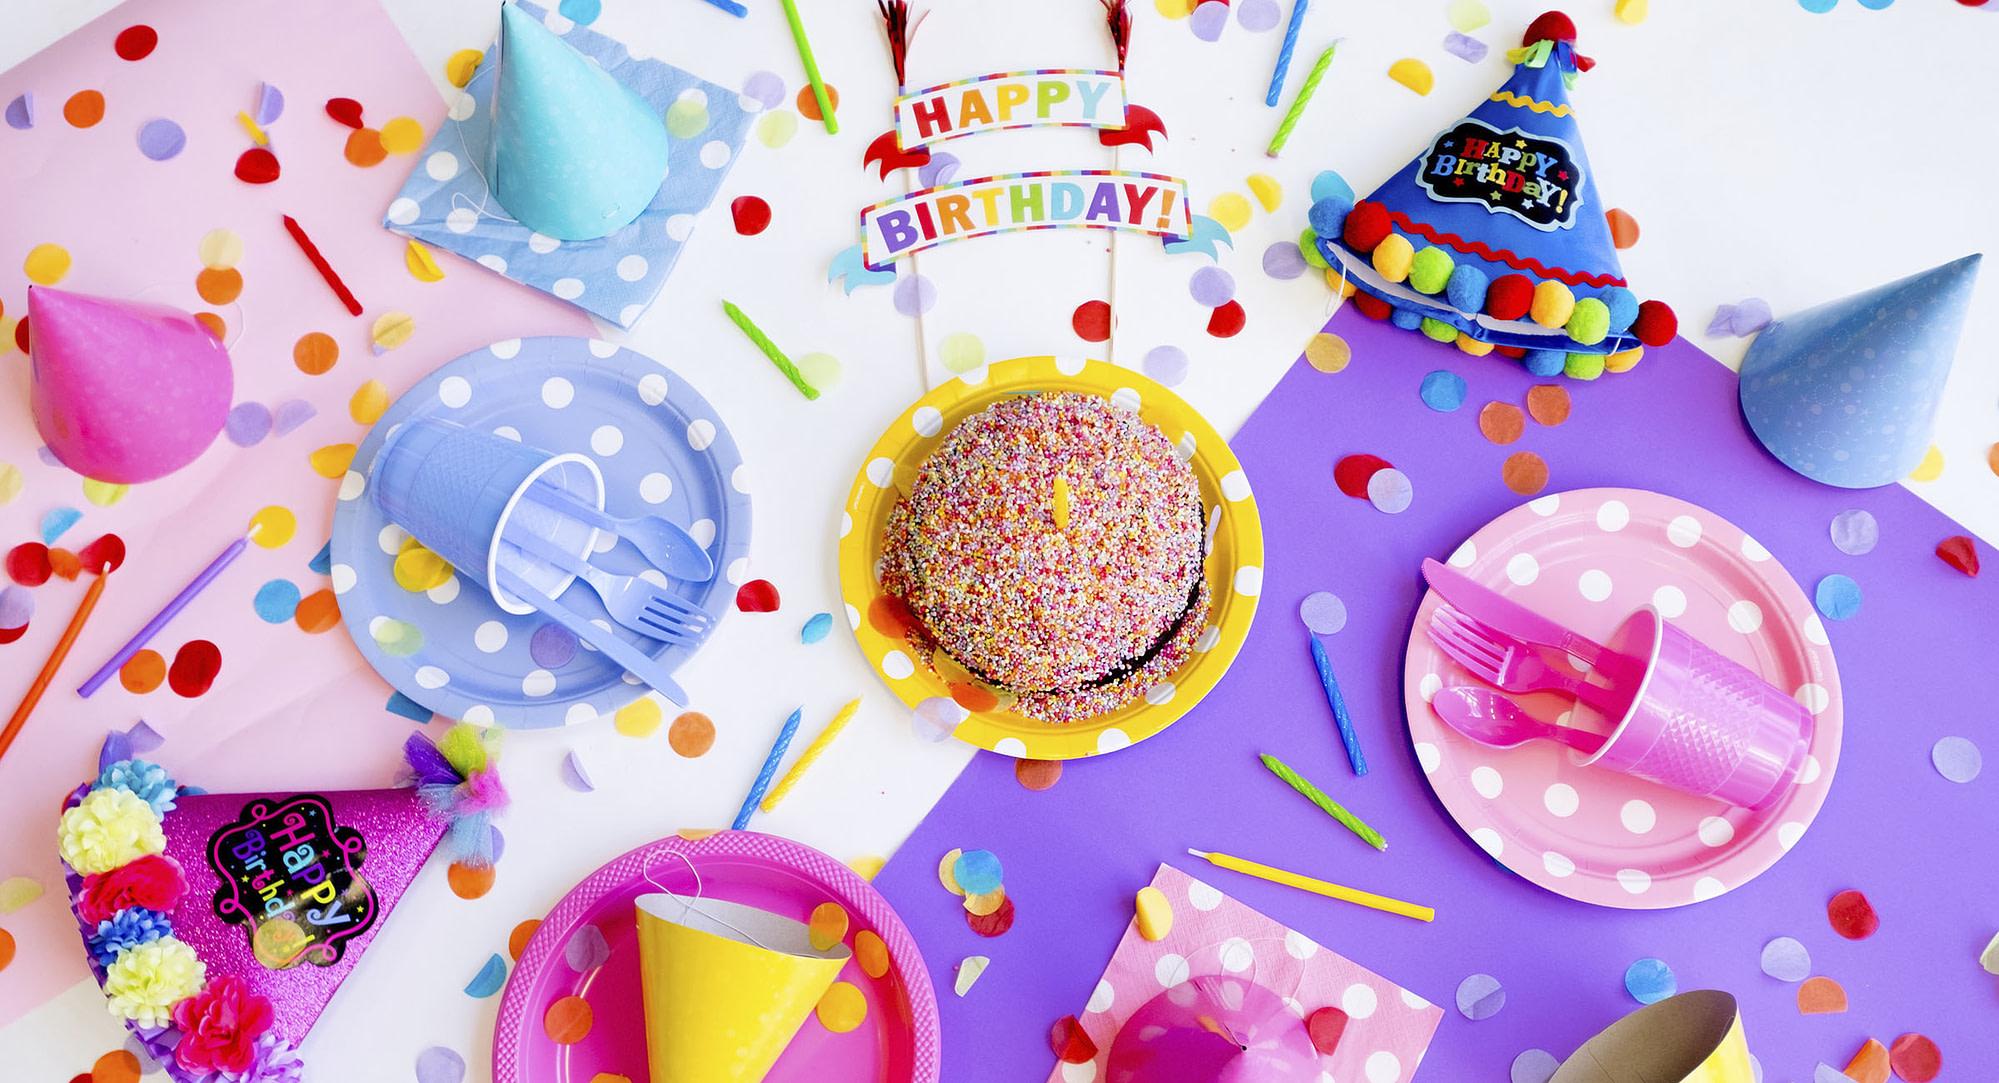 Mesa llena de papelillo, torta y gorros de cumpleaños en honor al aniversario número 20 de Siempre Baile